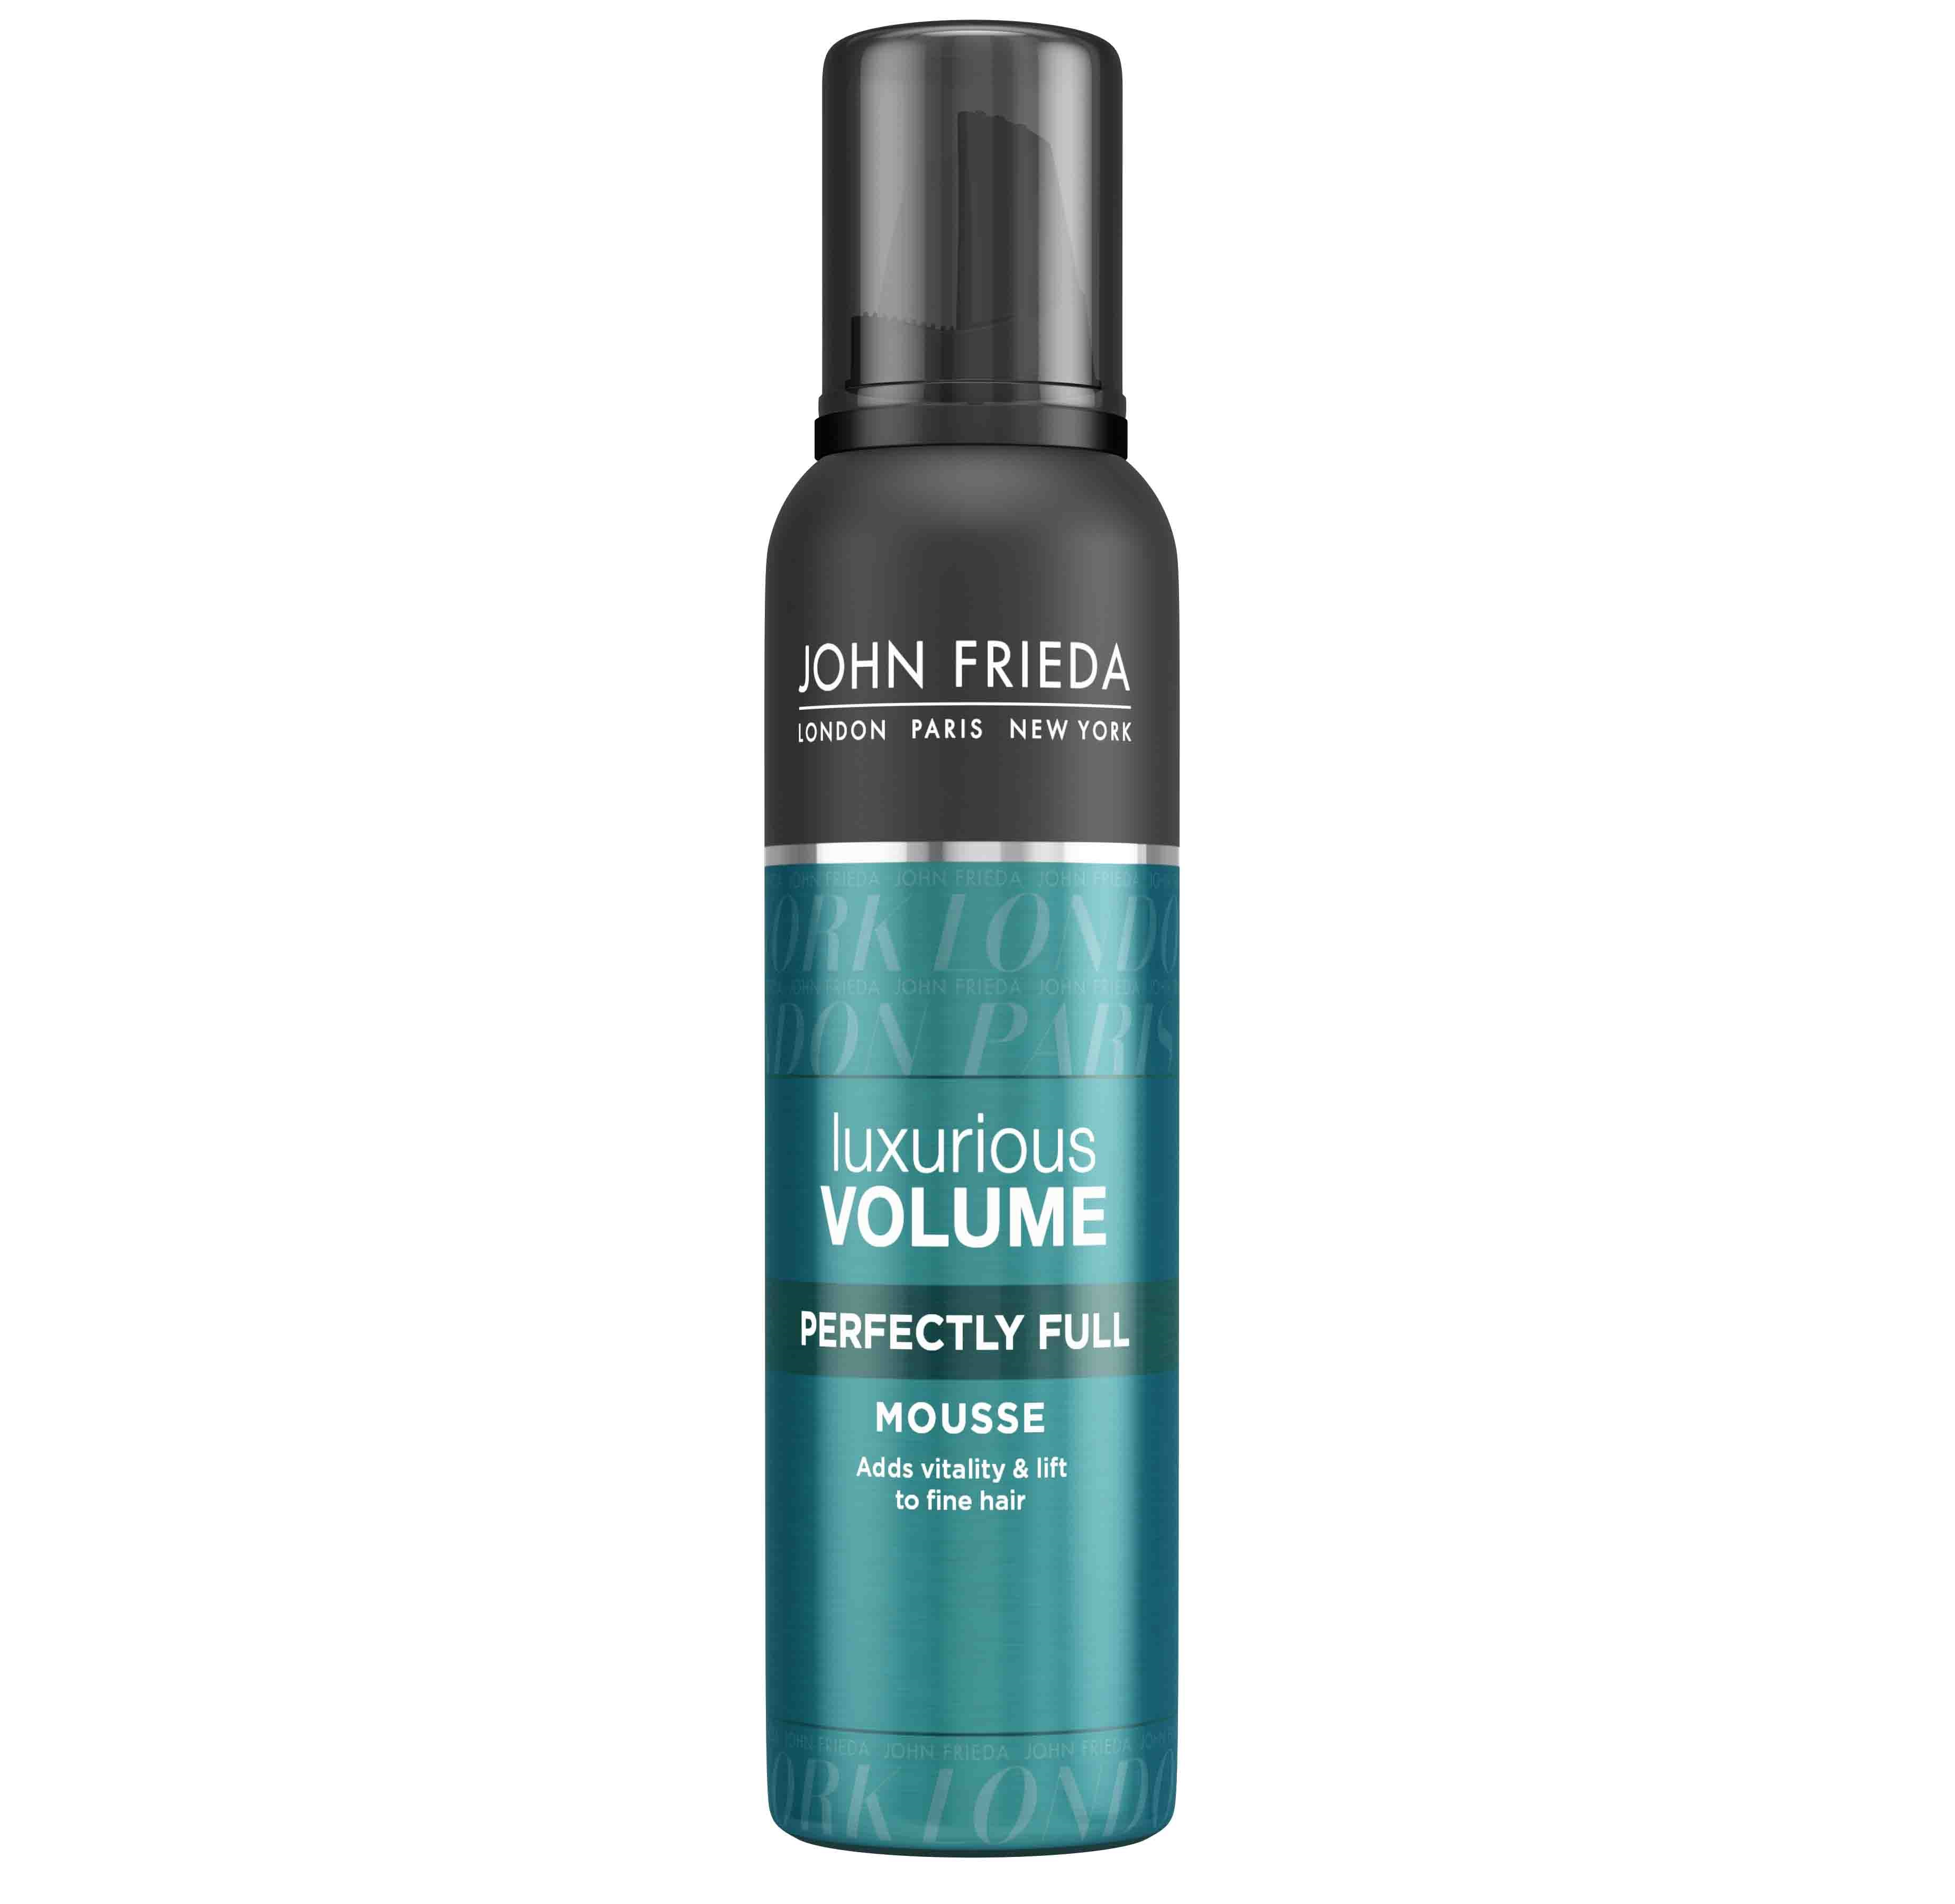 Описание наJOHN FRIEDA Luxurious Volume Пяна за Поддържане на Обема x200 мл:   Този продукт на популярната марка Джон Фрида е пяна за обем от серияLuxurious Volume, подходяща грижаза коса, която се нуждае от обем и плътност.Пяната съдържа мощна ревитализиращаформула с Кофеинов комплекс, койтоенергизира, омекотява и дарява с жизненост Вашата коса.Предлага се в удобна опаковка от 200 мл.    Състав наJOHN FRIEDA Luxurious Volume Пяна за Поддържане на Обема x200 мл: